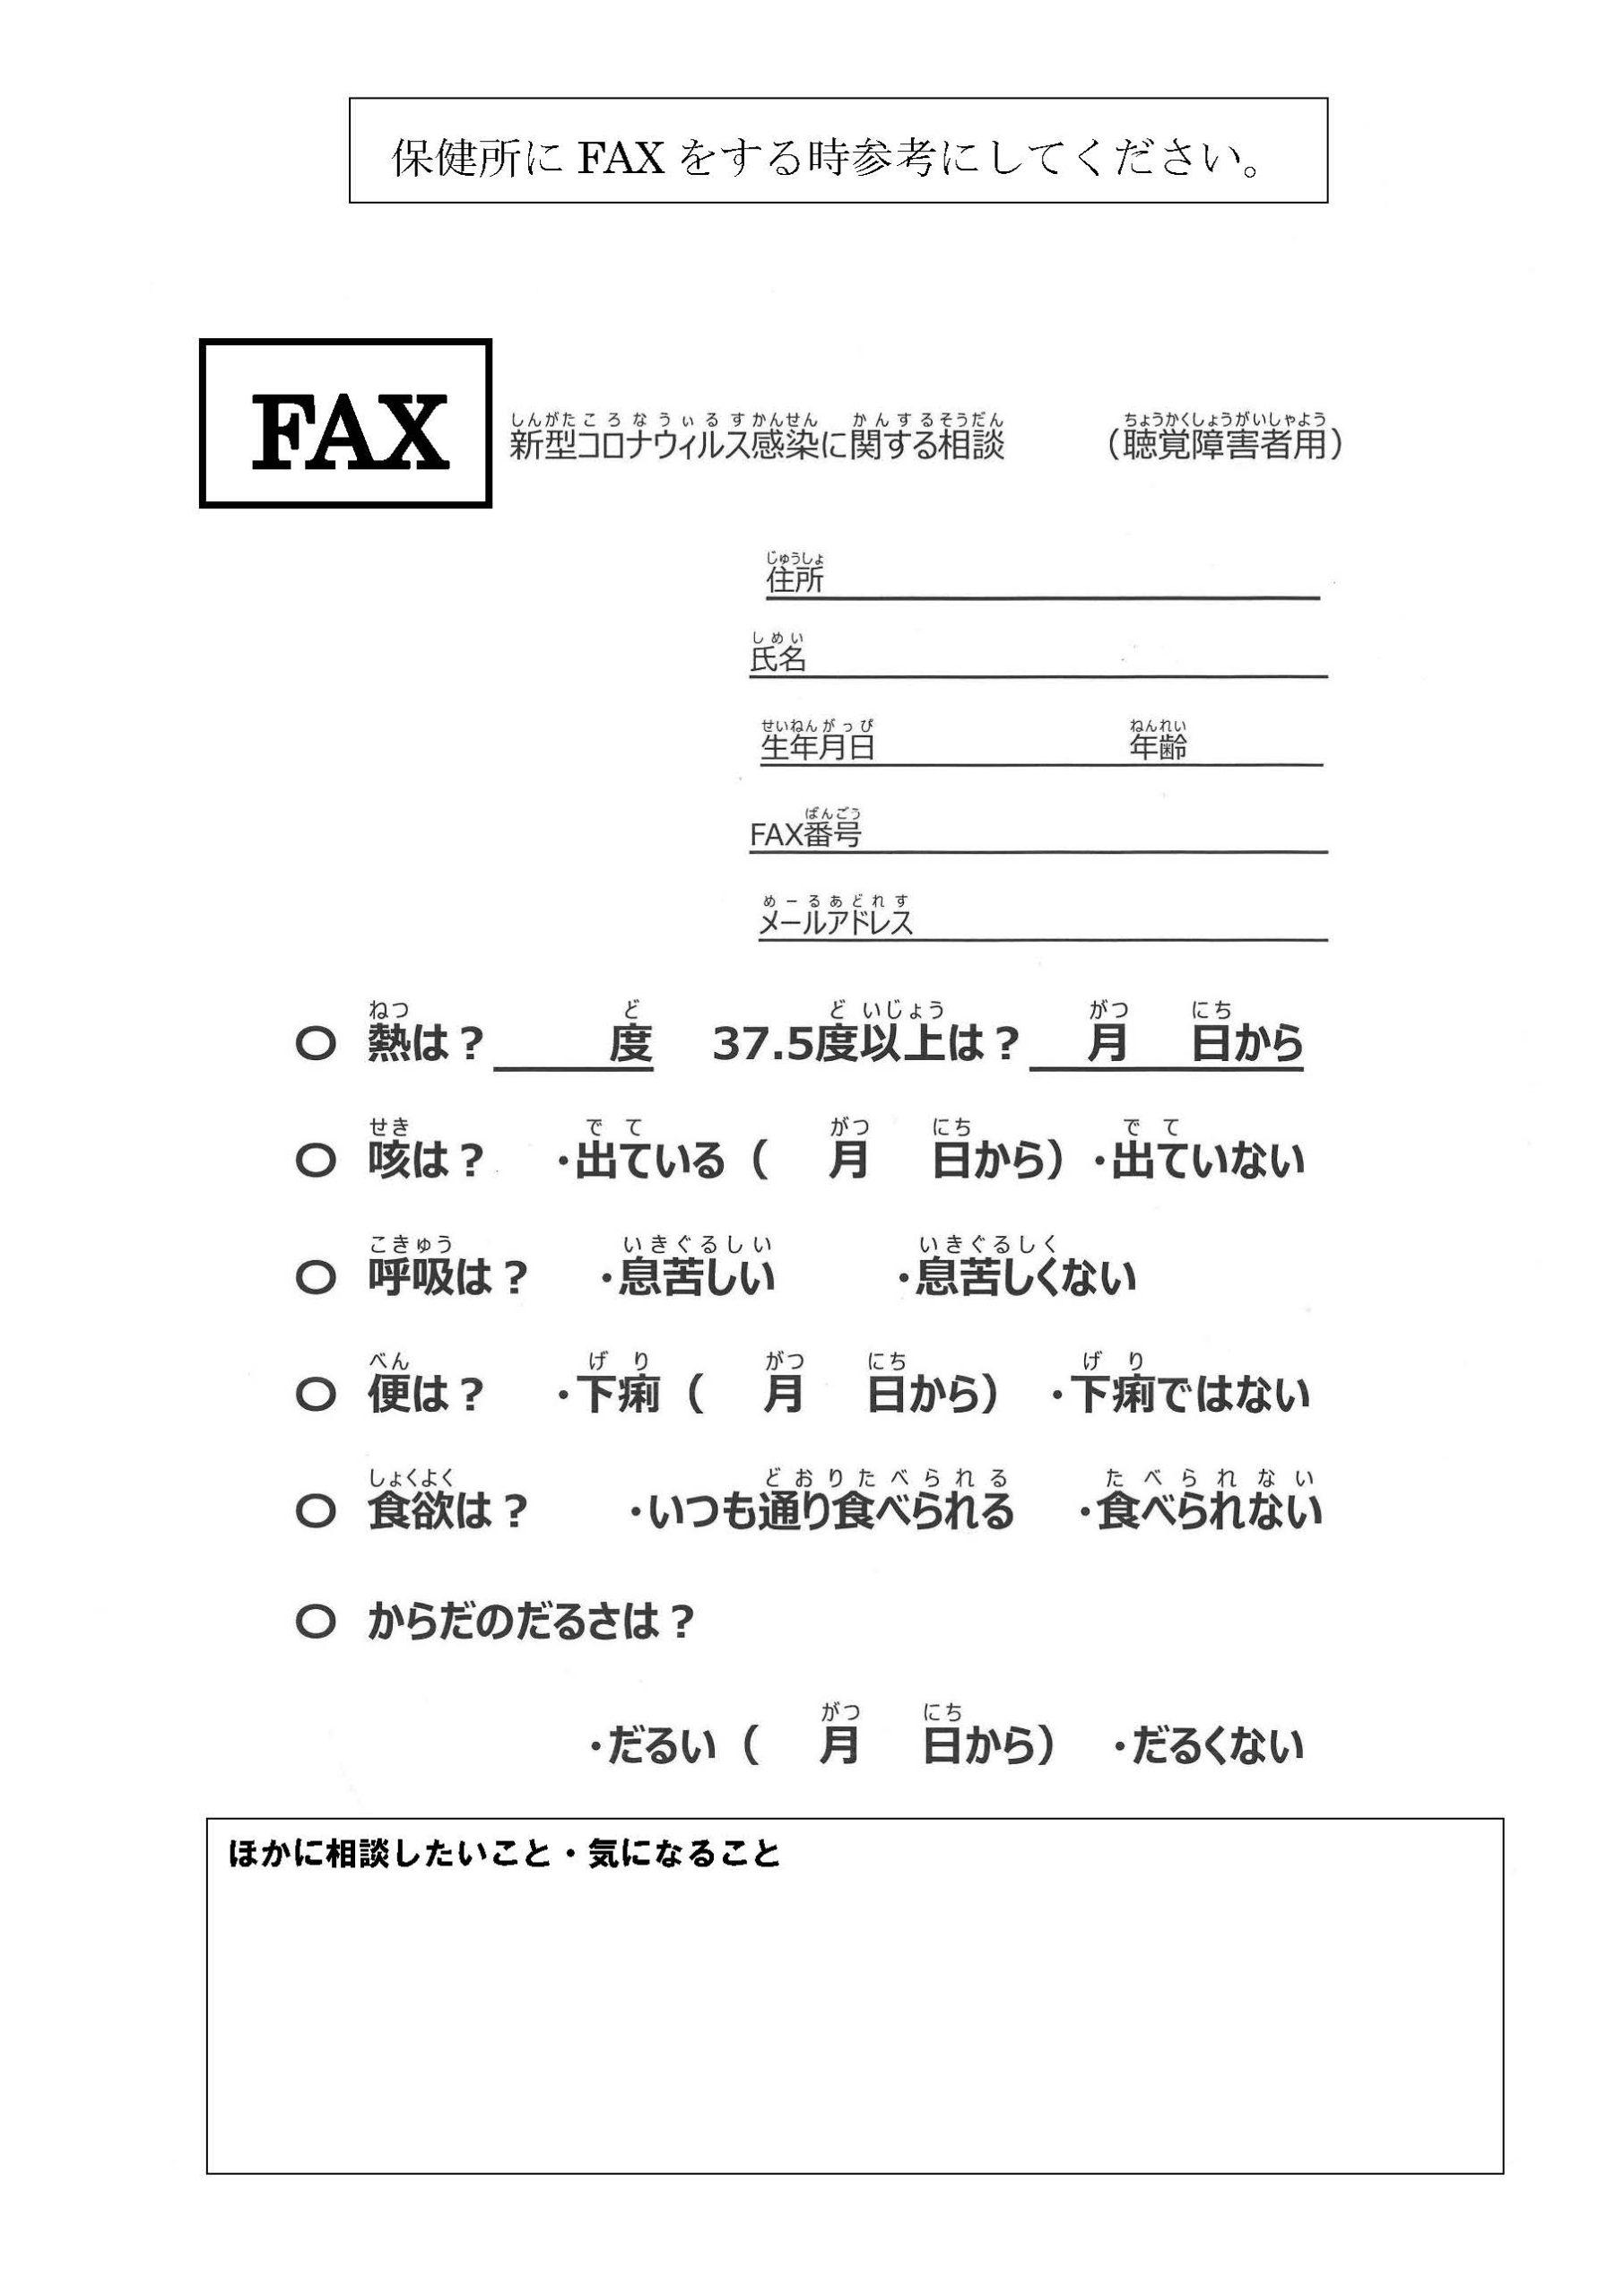 保健所に連絡するためのFAX用紙